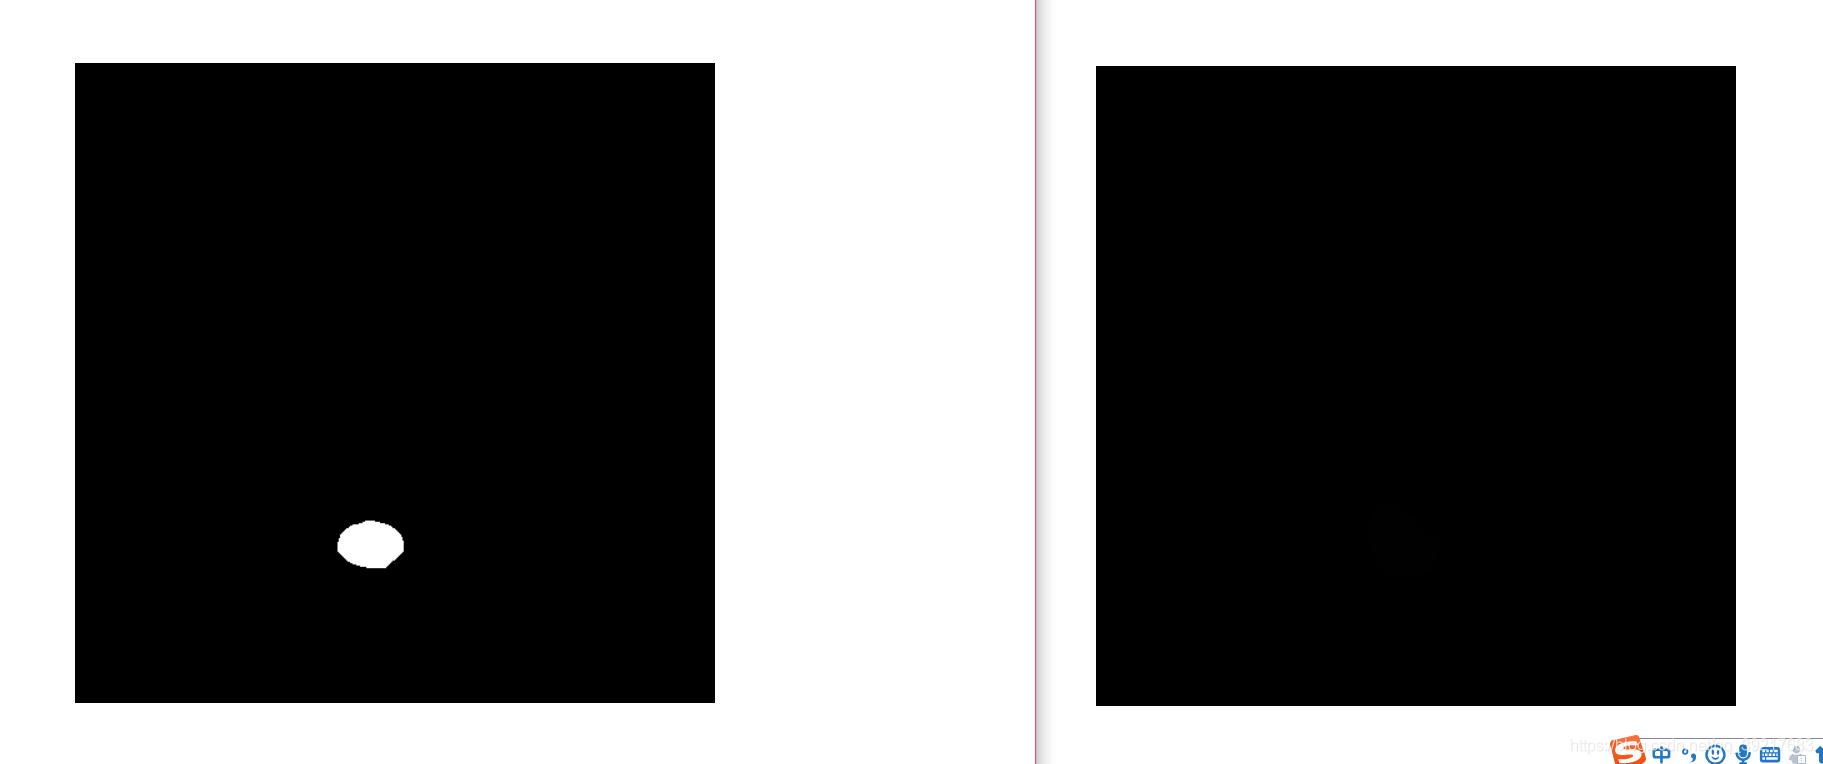 左边是原图,右边是效果图,符合预期